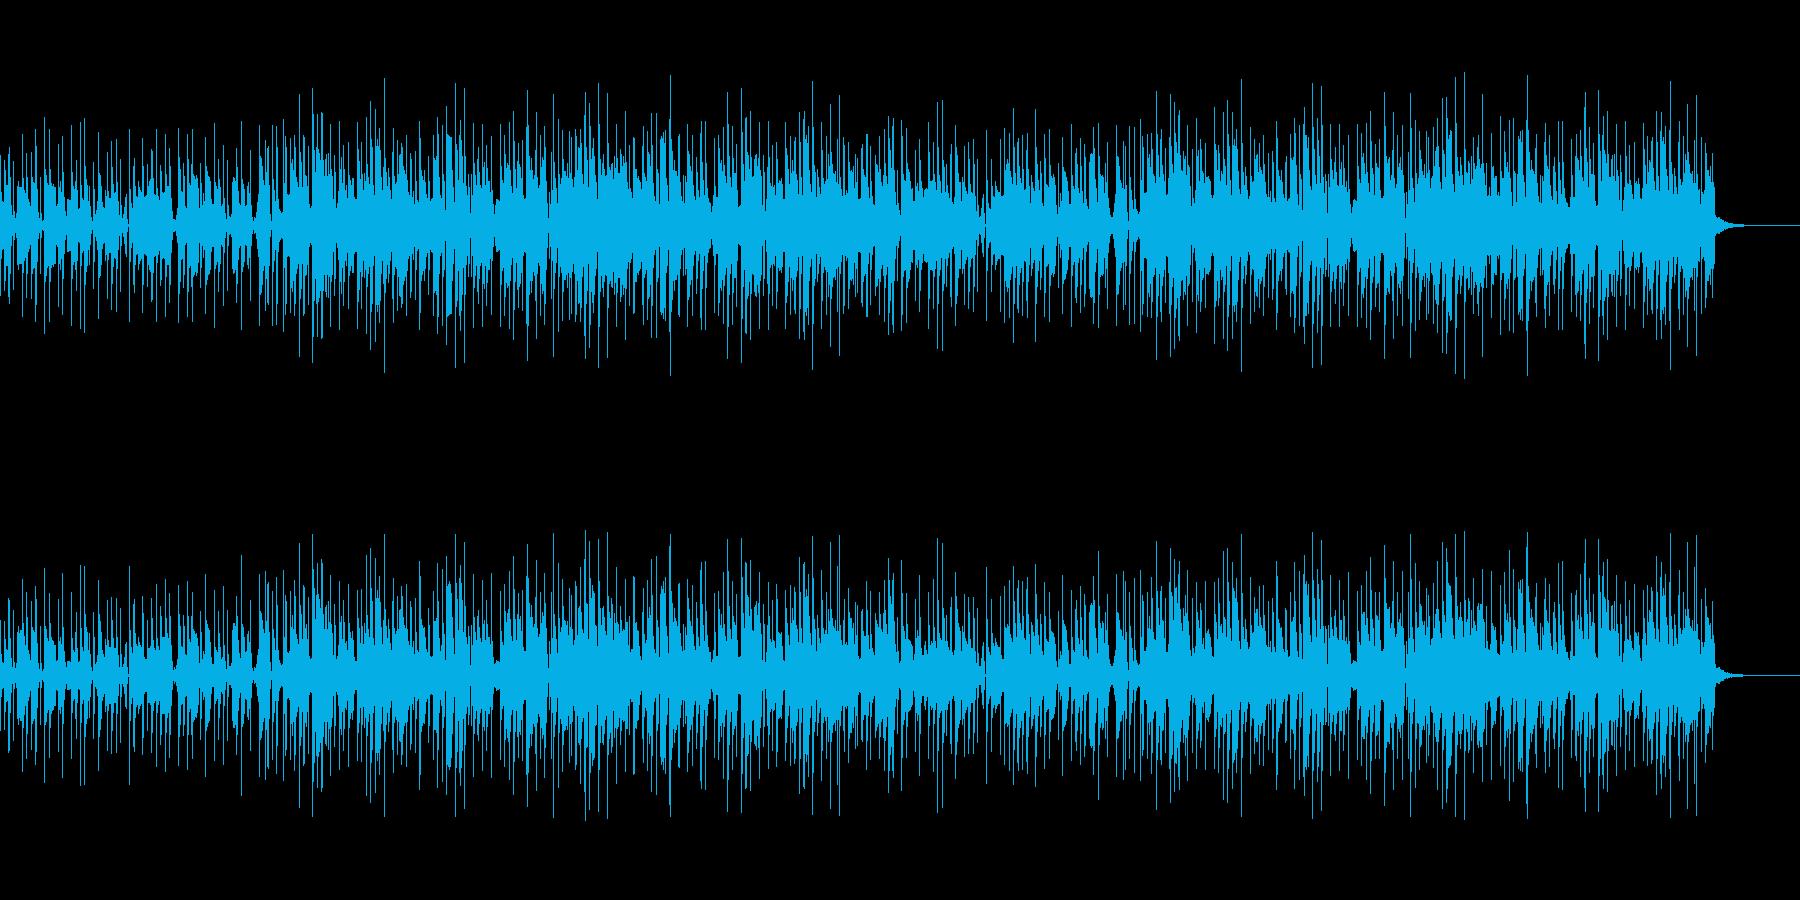 クイズが出されて考え中のクールなBGMの再生済みの波形